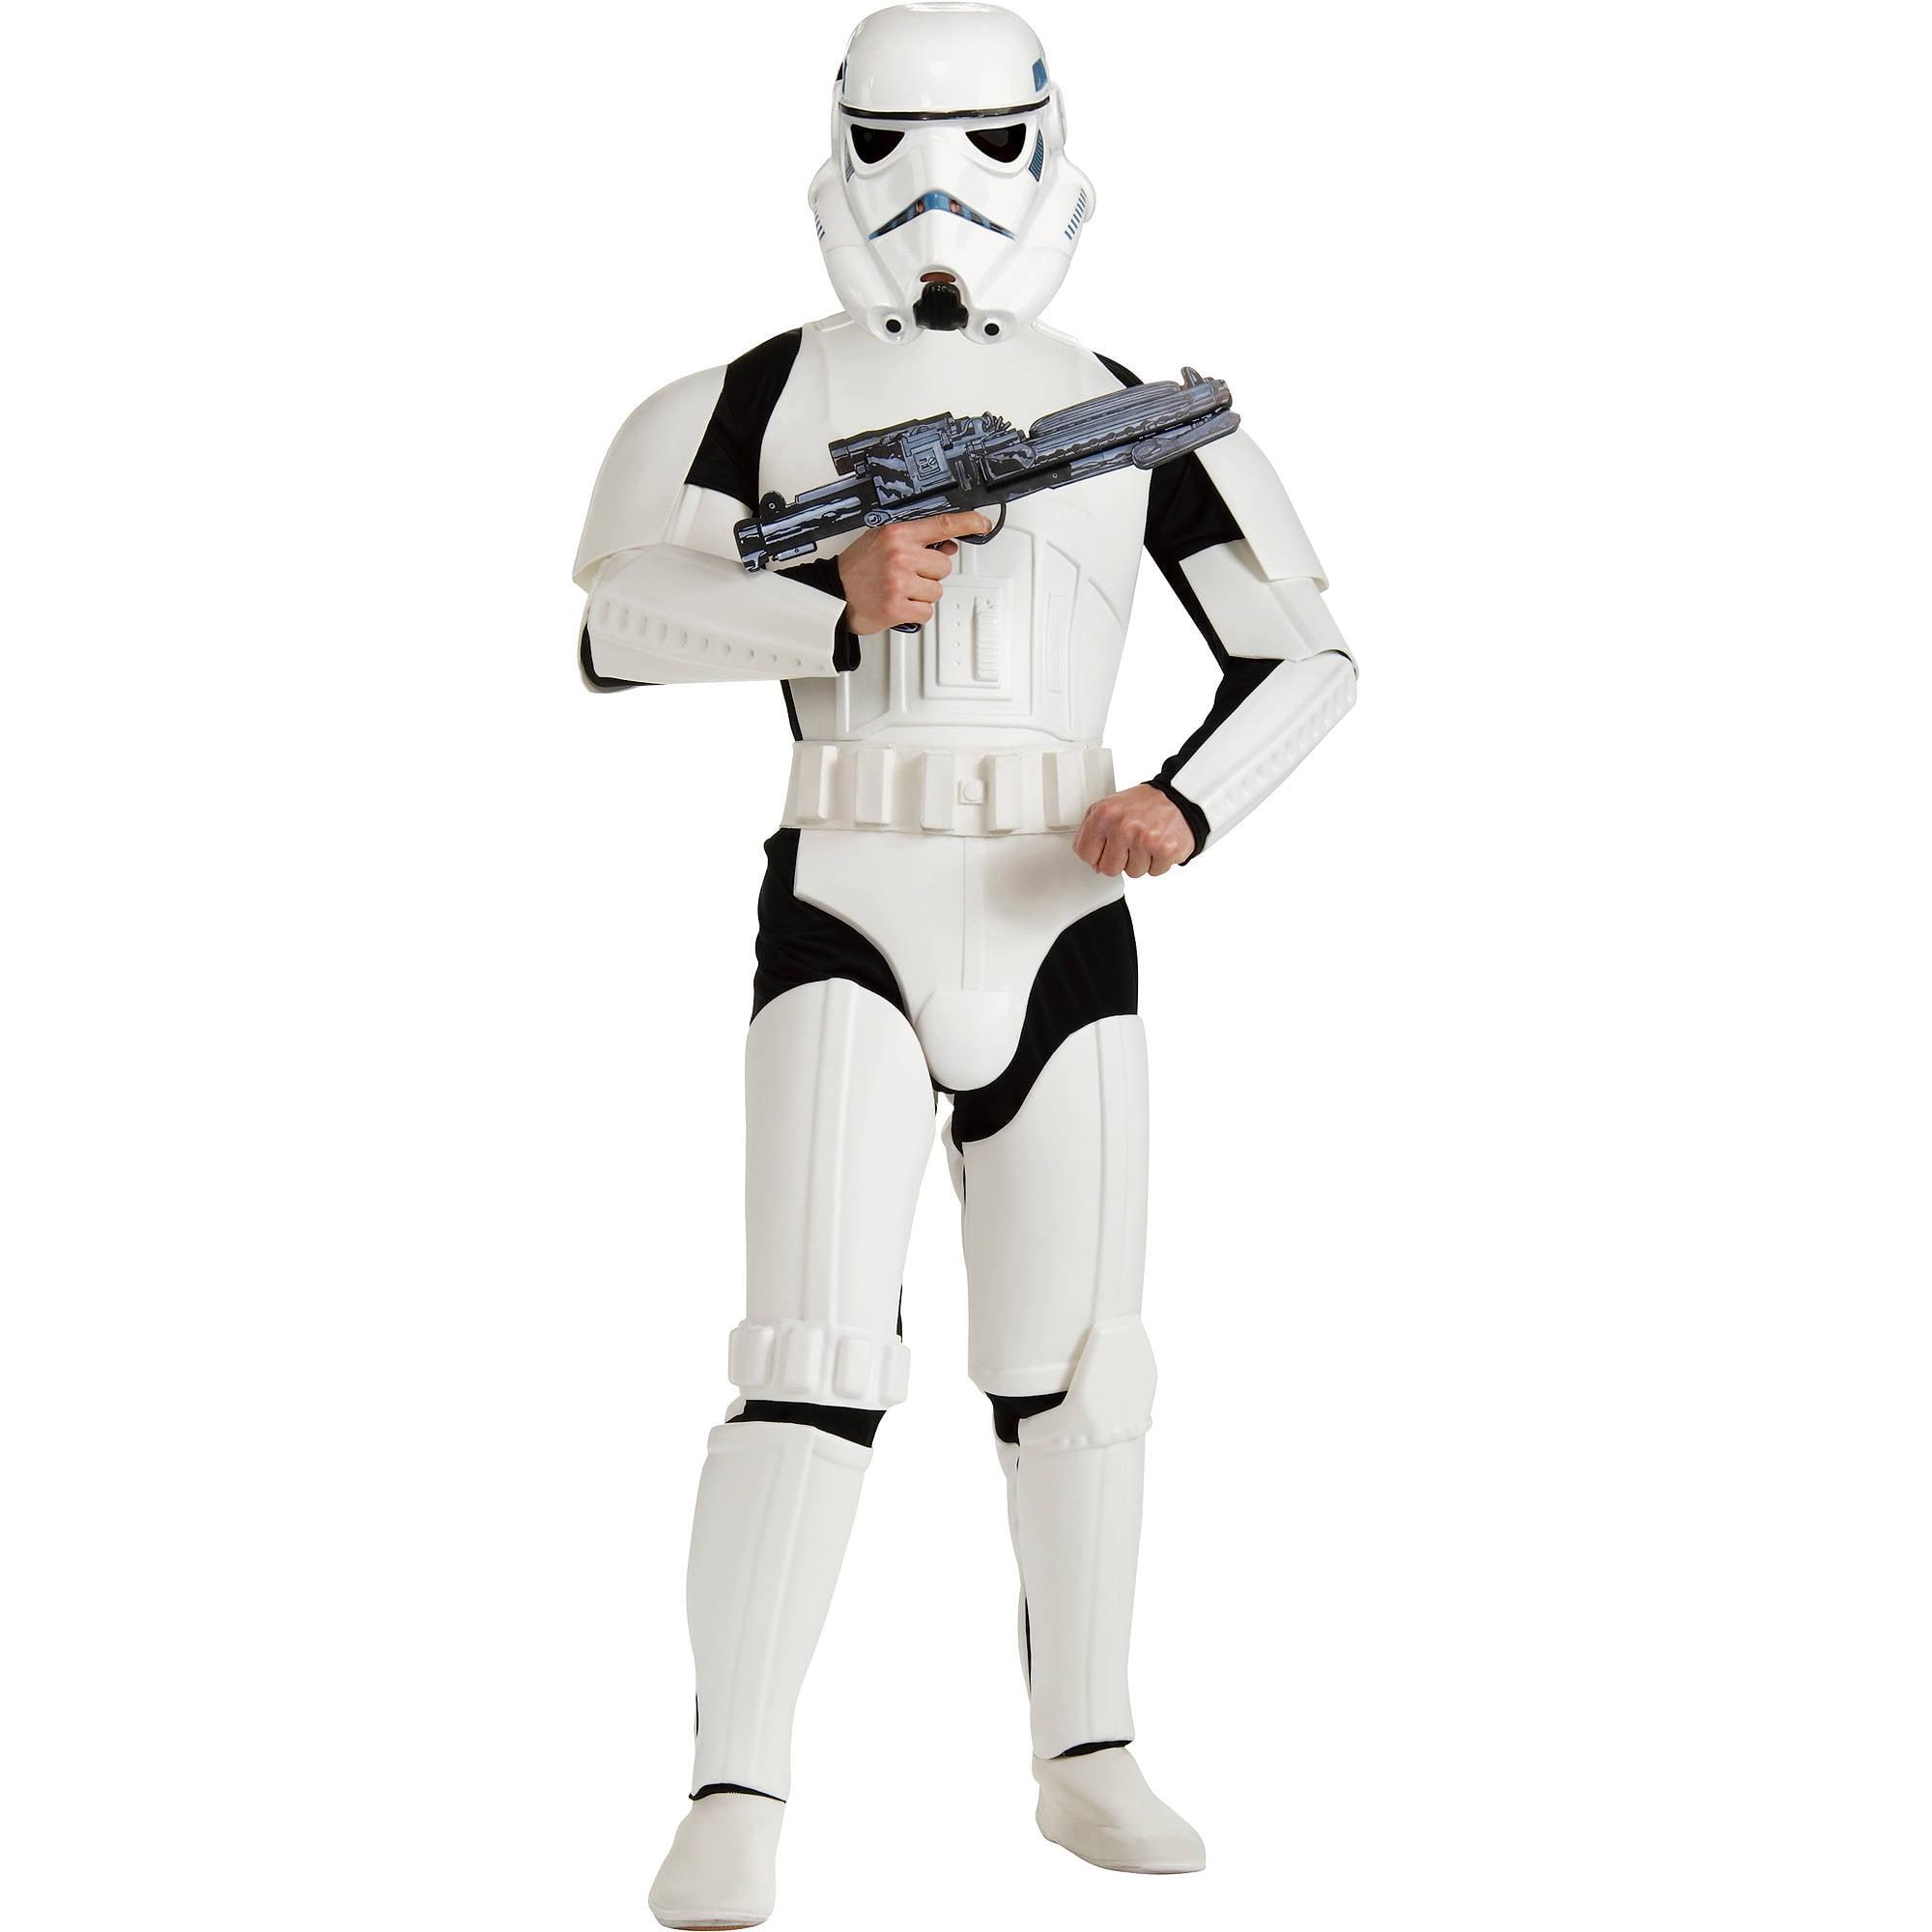 Stormtrooper Deluxe Adult Halloween Costume - One Size